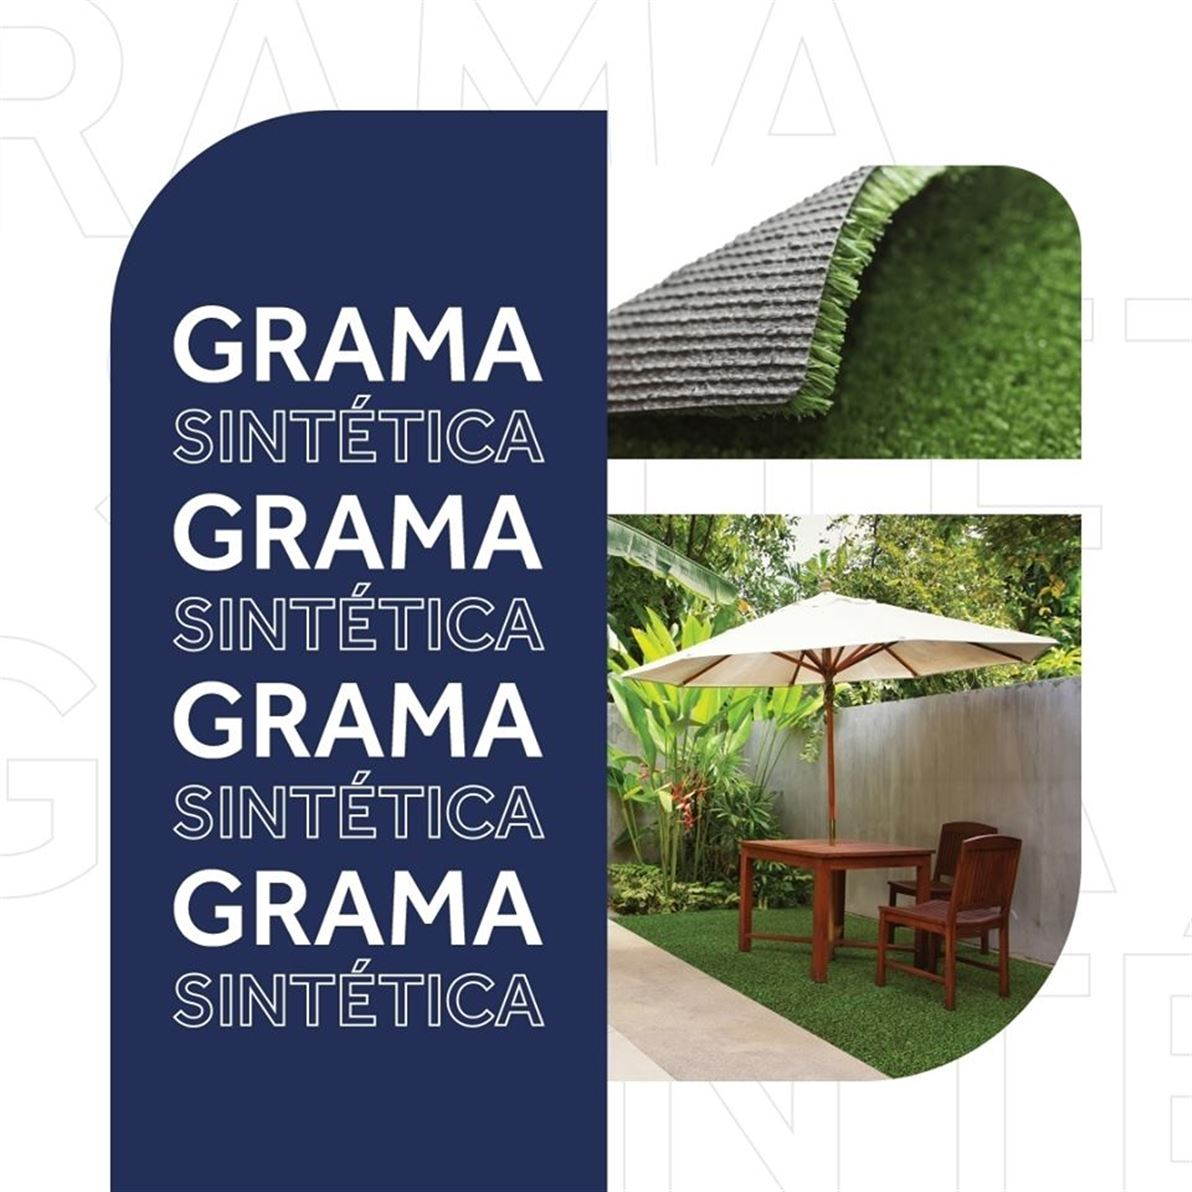 A grama sintética é muito utilizada para embelezar o jardim e as áreas de lazer. ?? Por ser uma opção mais prática e versátil, ela pode substituir gramados em vários espaços, podendo ser internos ou externos.